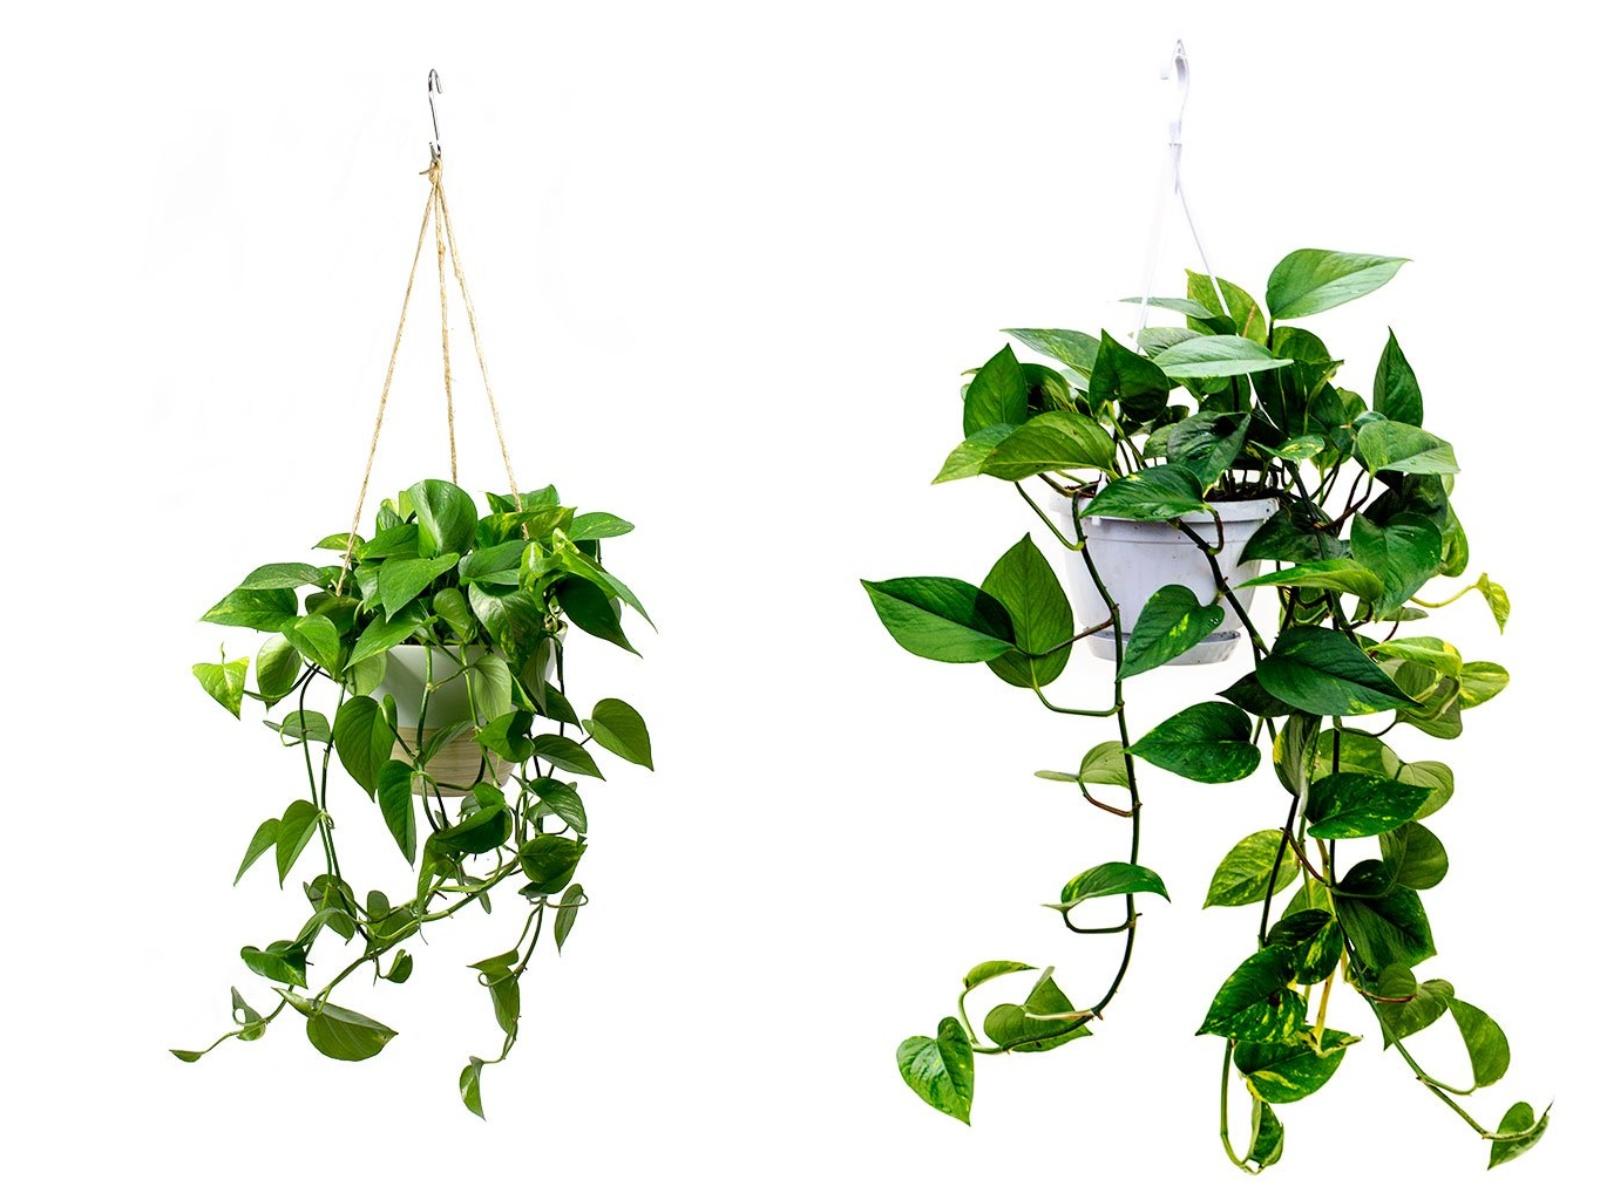 Epipremnum złociste rośliny oczyszczające powietrze